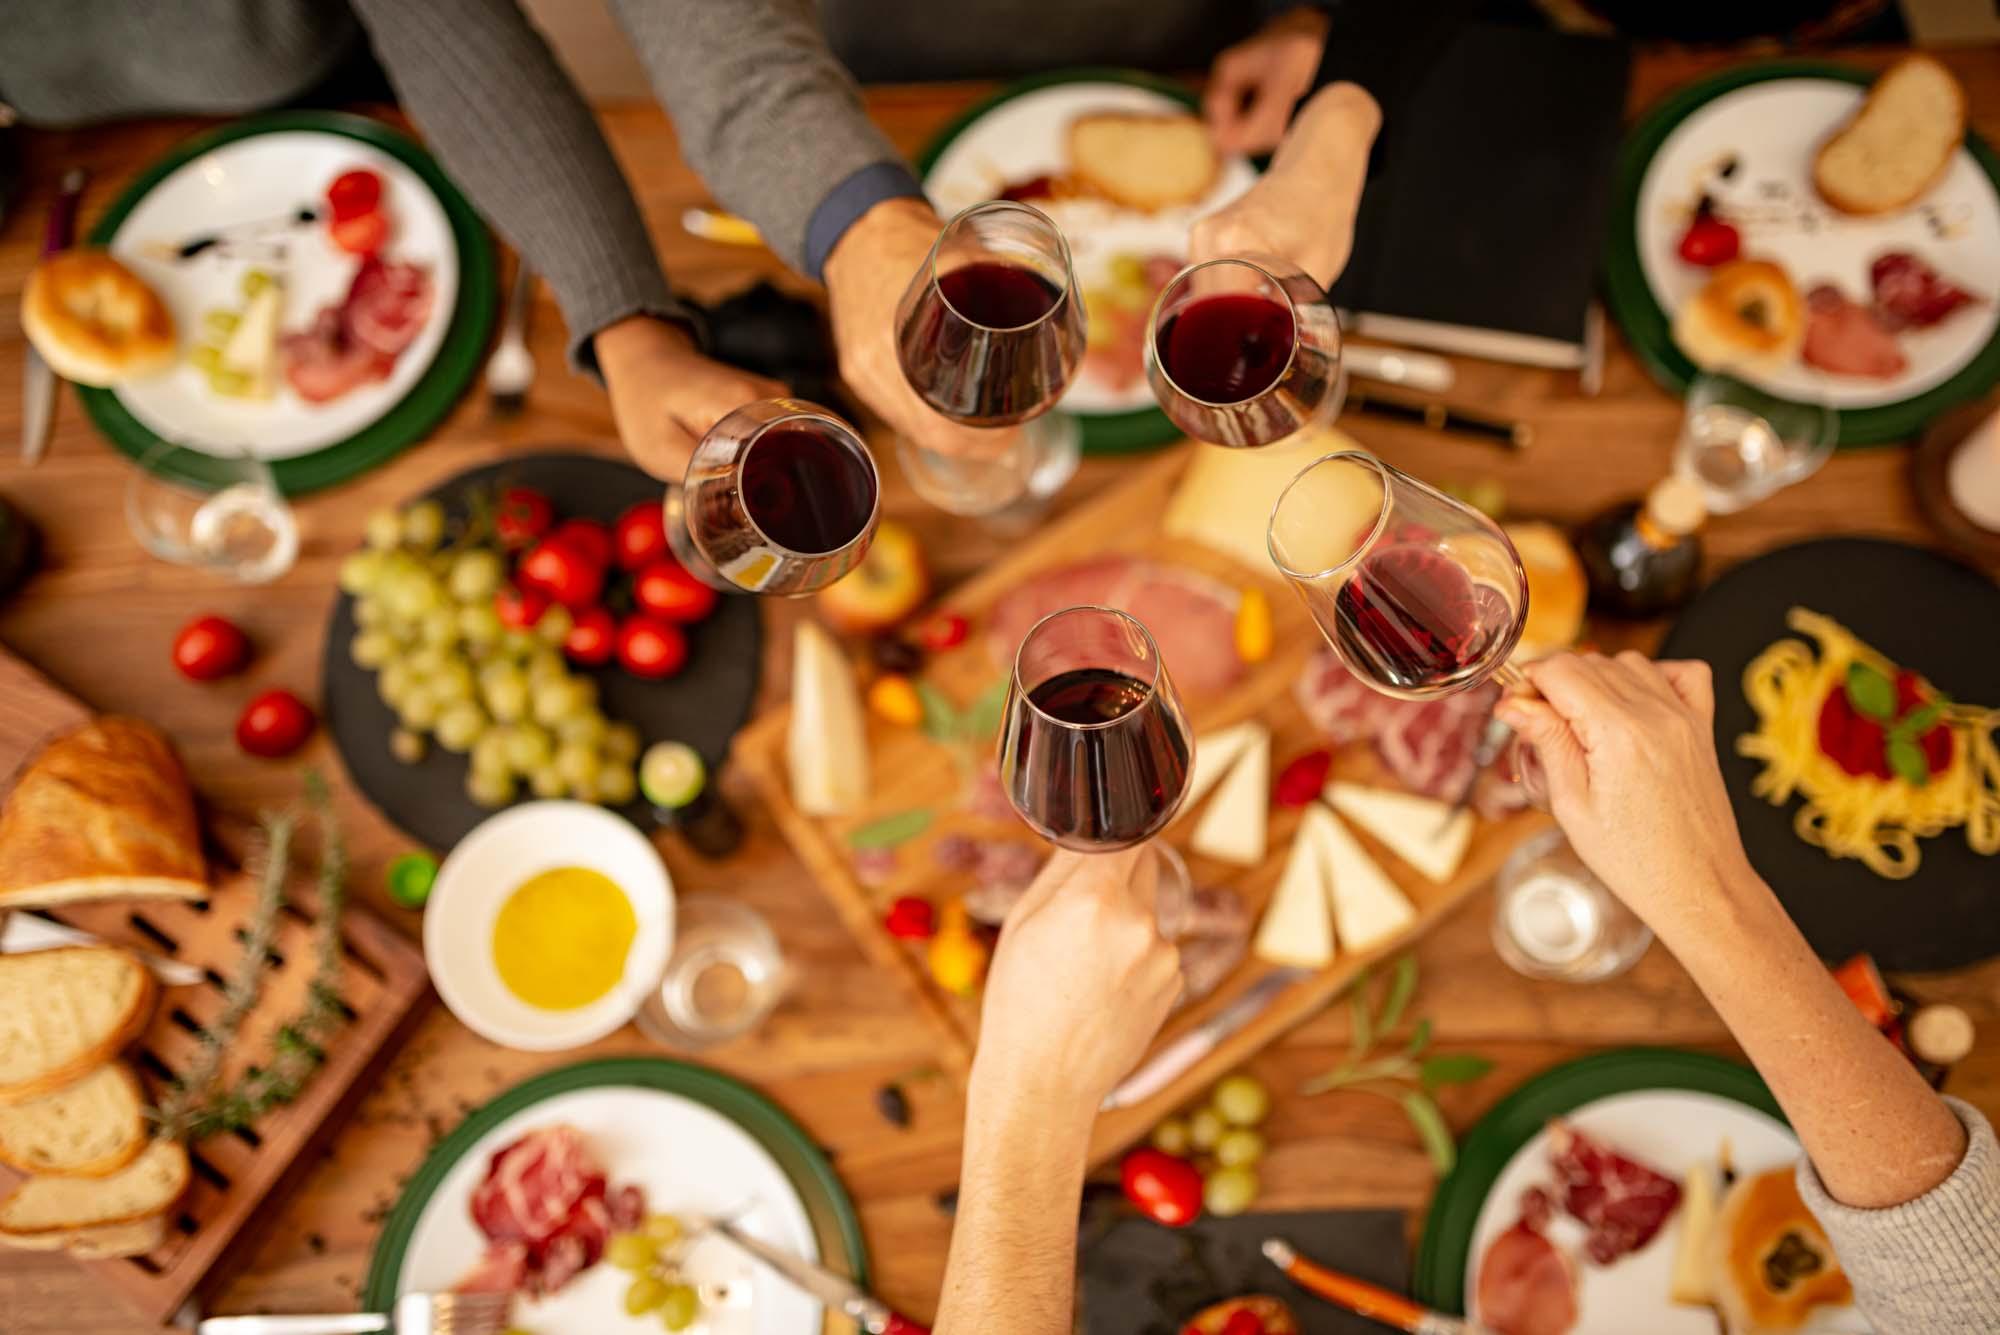 Corsi Di Cucina Formazione Manageriale a Bologna